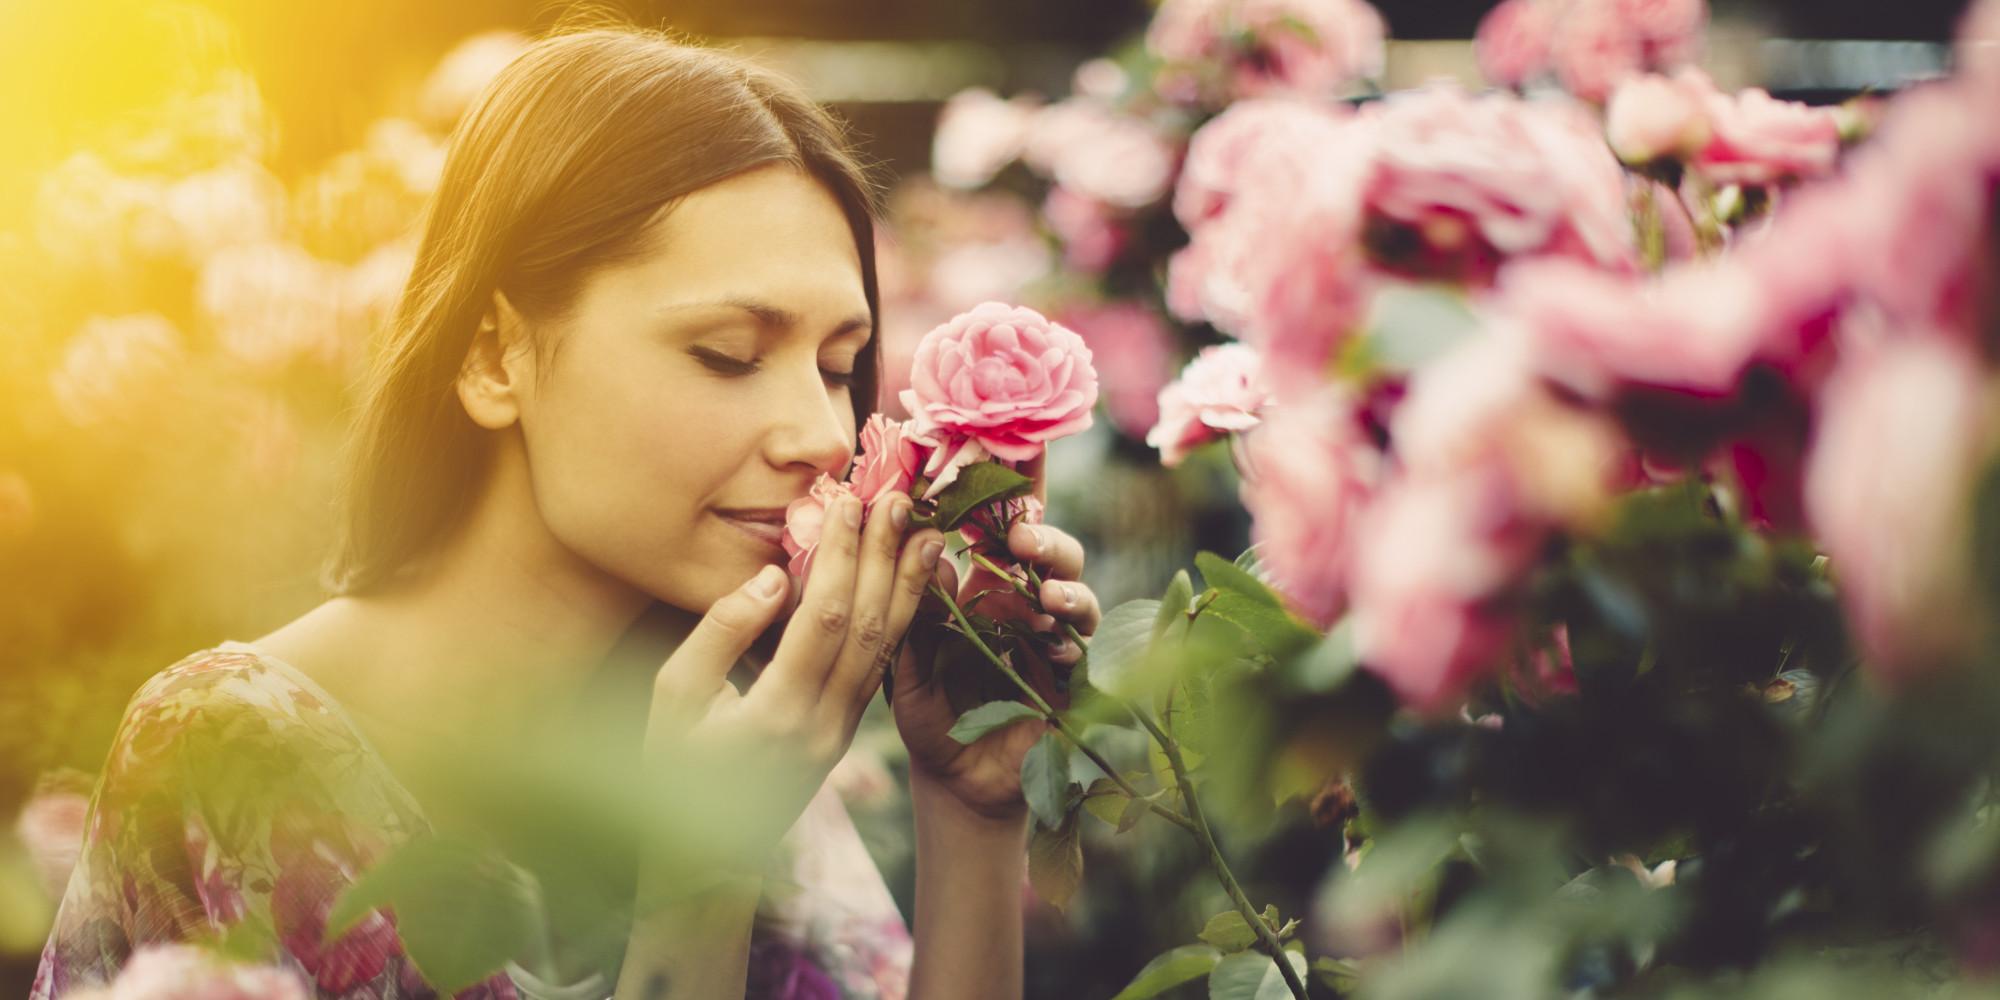 aroma-e-luleve-redukton-nivelin-e-stresit